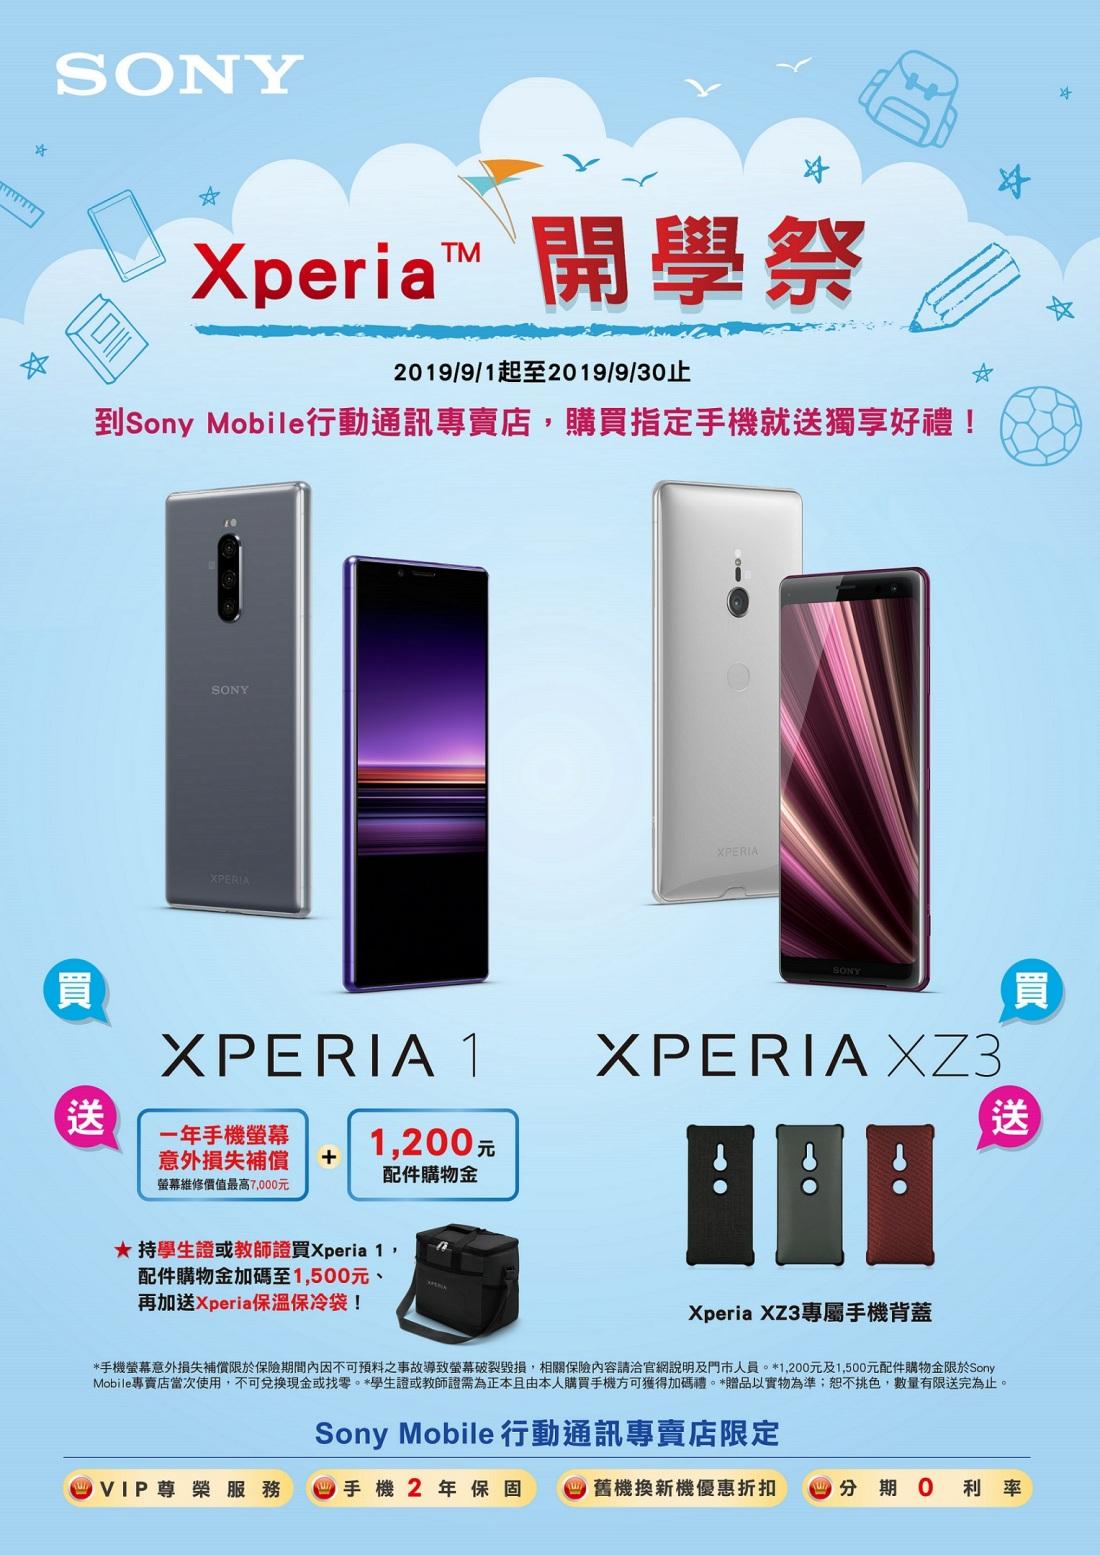 圖說五、「Xperia開學祭」 Xperia 1 、XZ3專屬購機優惠好禮再加碼.jpg